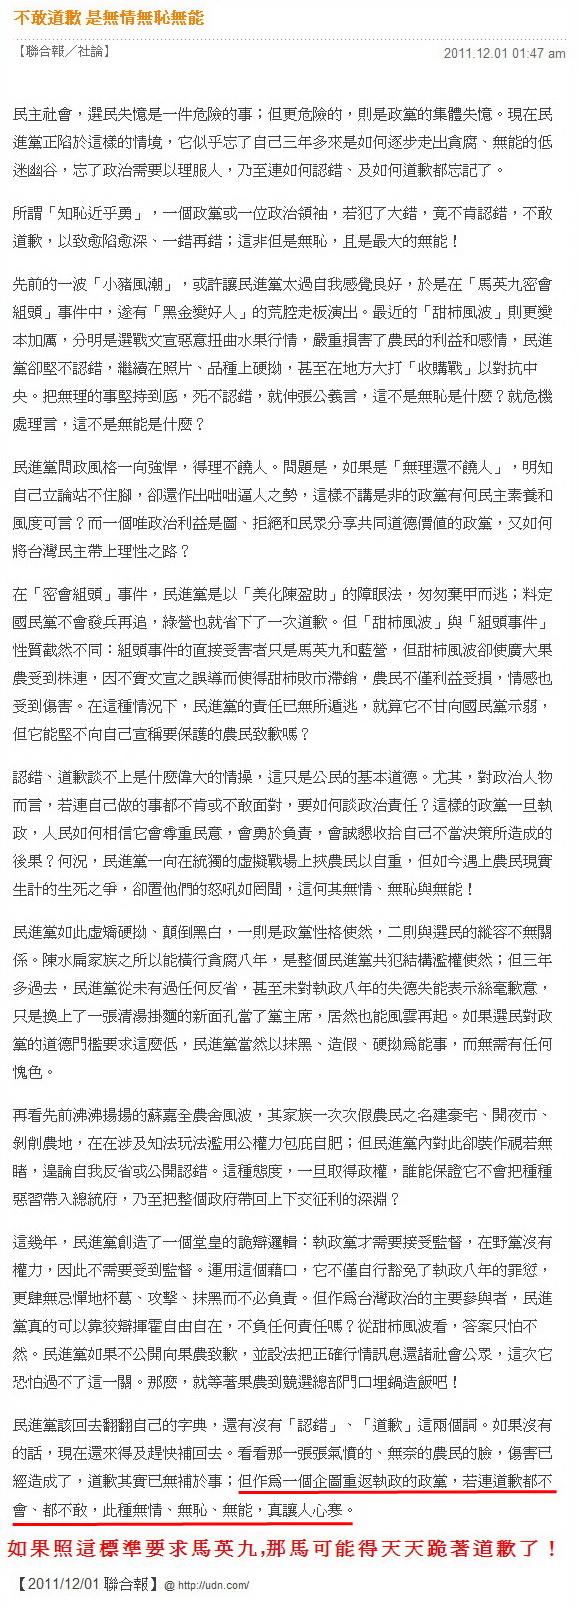 不敢道歉 是無情無恥無能-2011.12.01.jpg